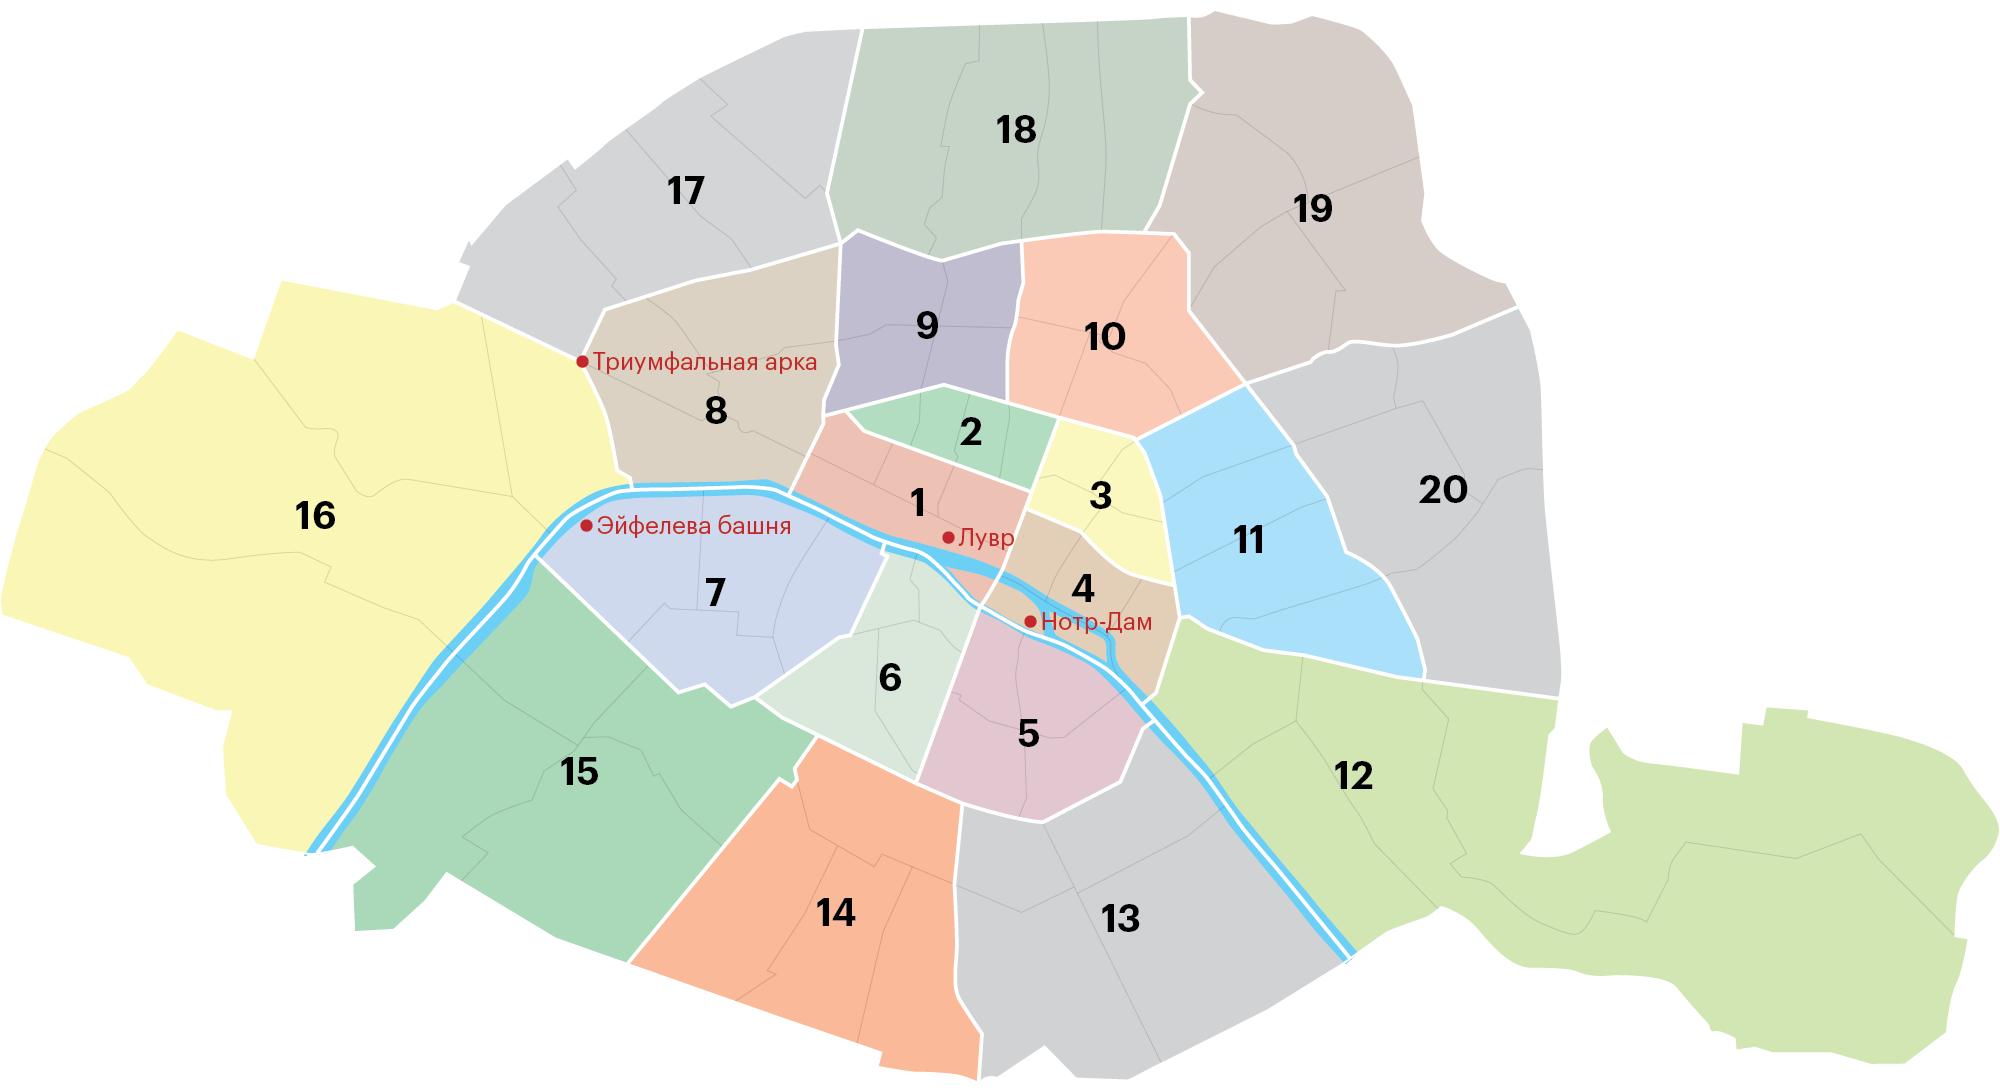 Париж разделен на 20 районов — по-французски «аррондисман». Их так и называют — по номерам. Самыми элитными считаются с первого по седьмой — это исторический центр города. Они расходятся от Нотр-Дама по часовой стрелке, как рисунок на раковине у улитки